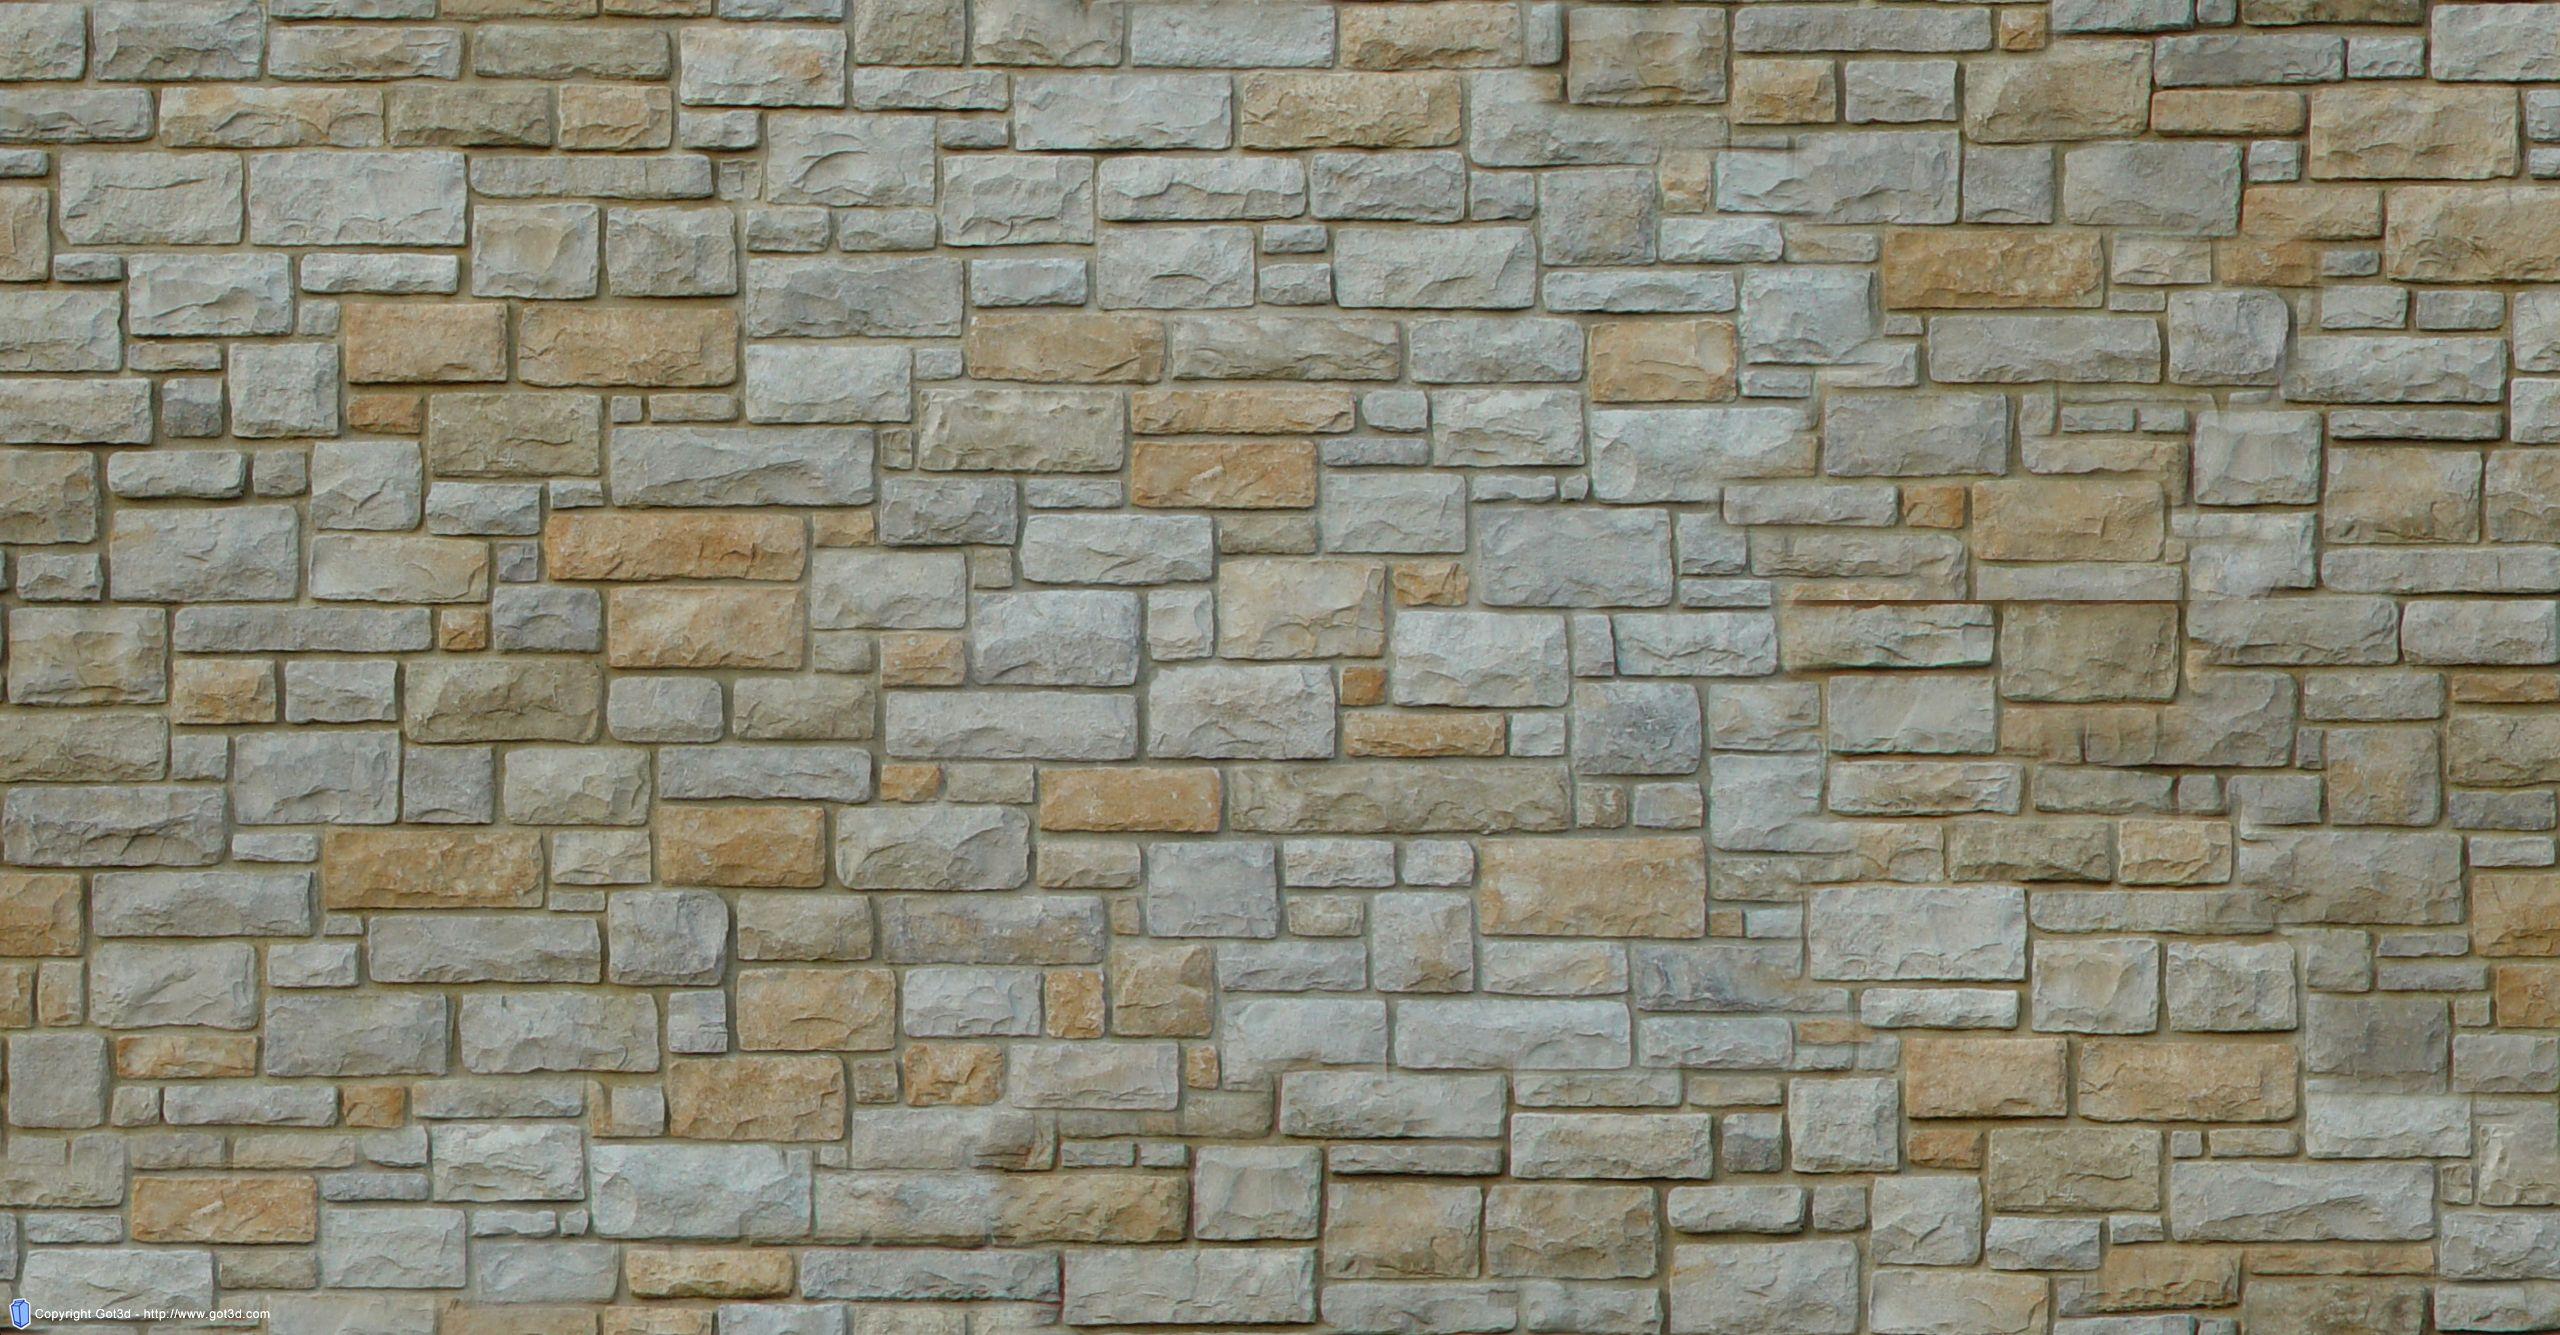 freestonewalltexture002 Textured walls, Stone